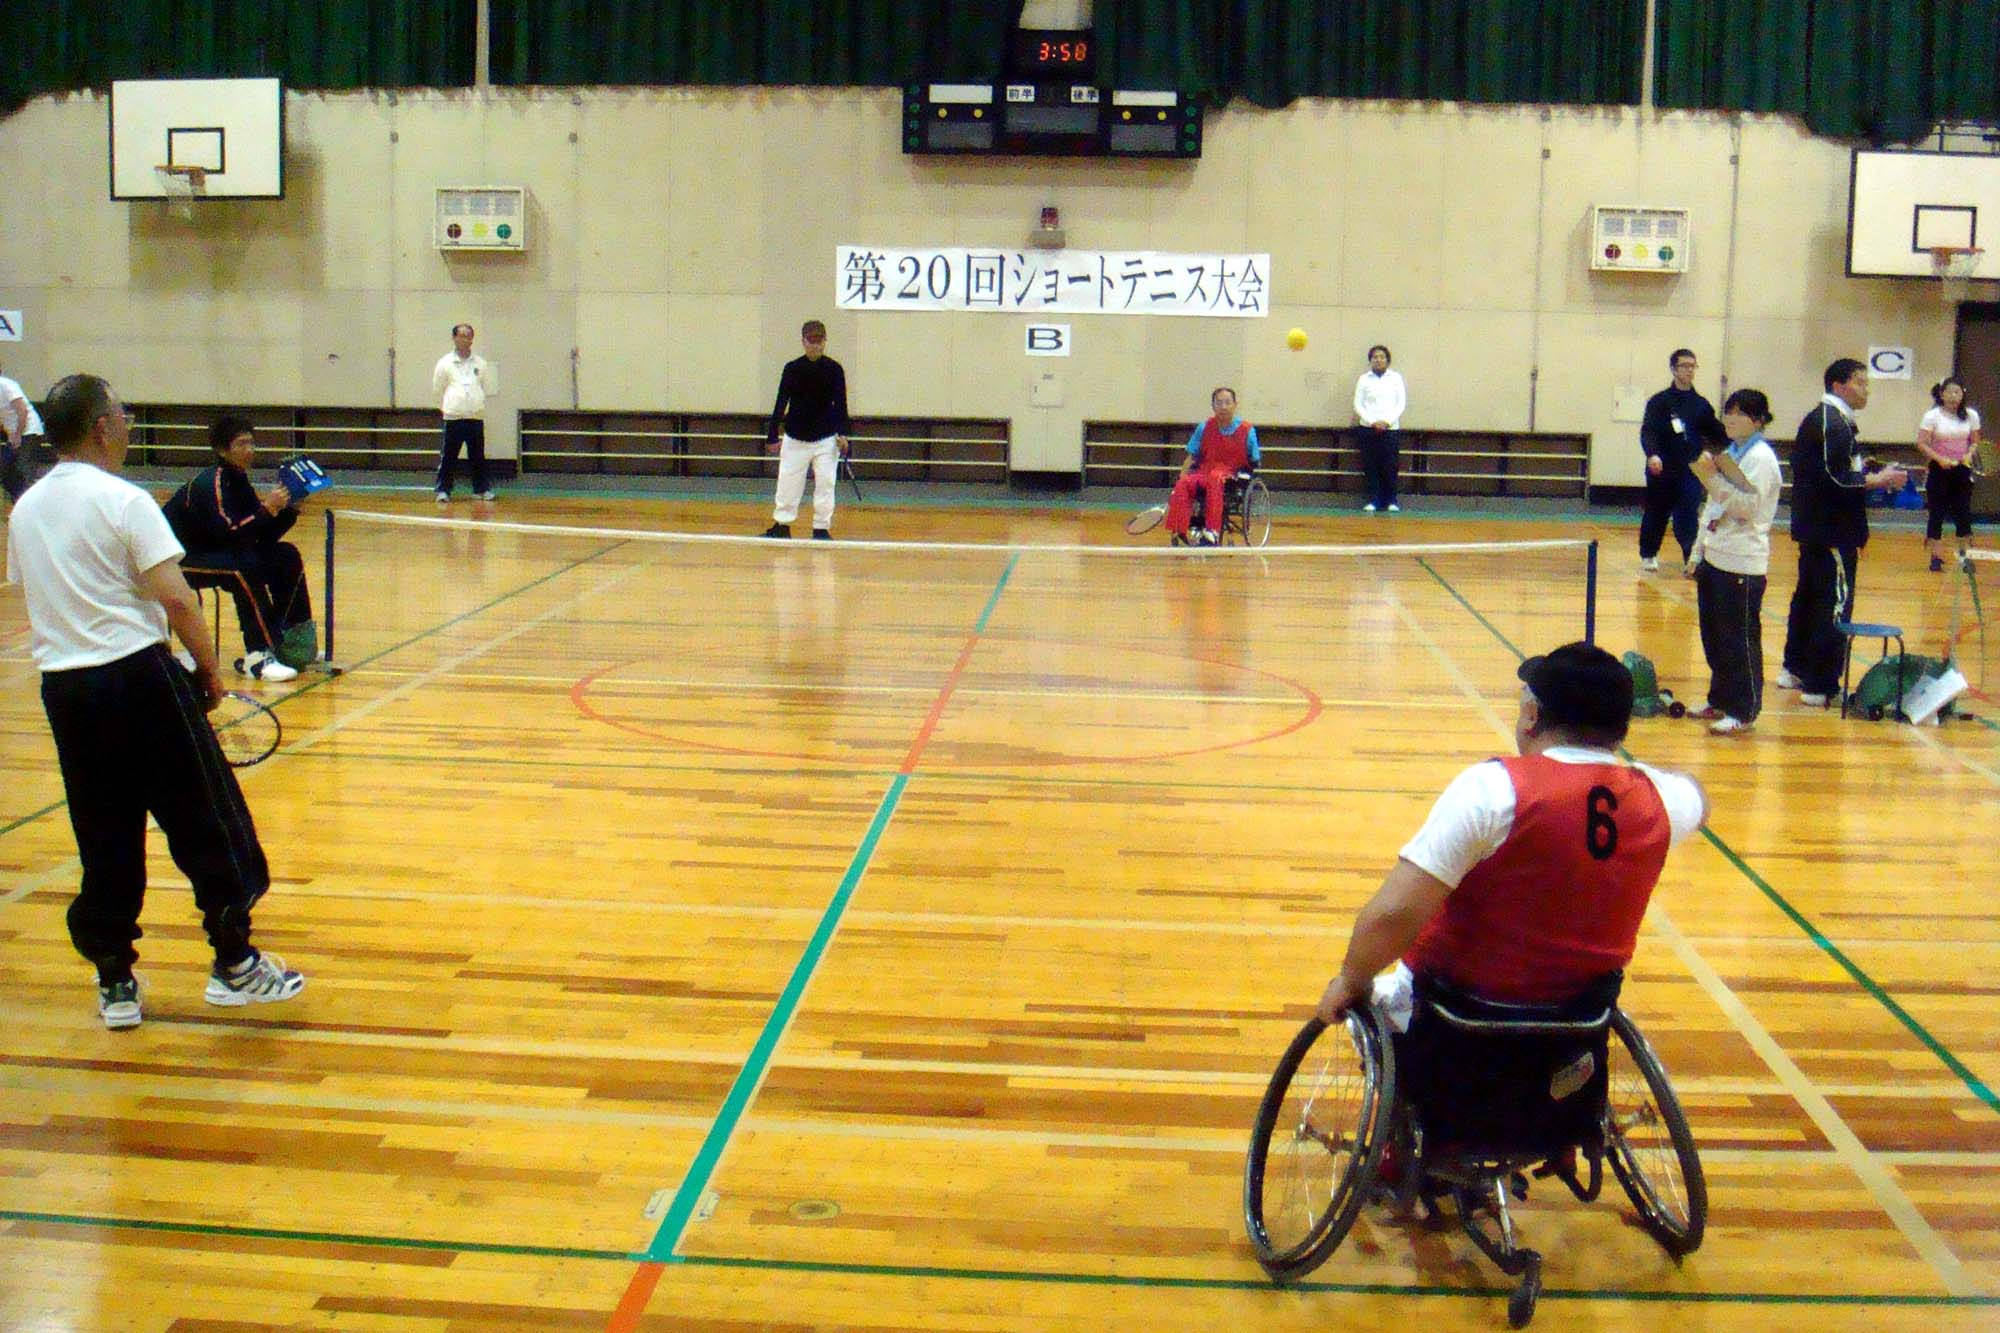 daburusu - ショートテニス大会より・・・多くの参加ありがとうございます!!